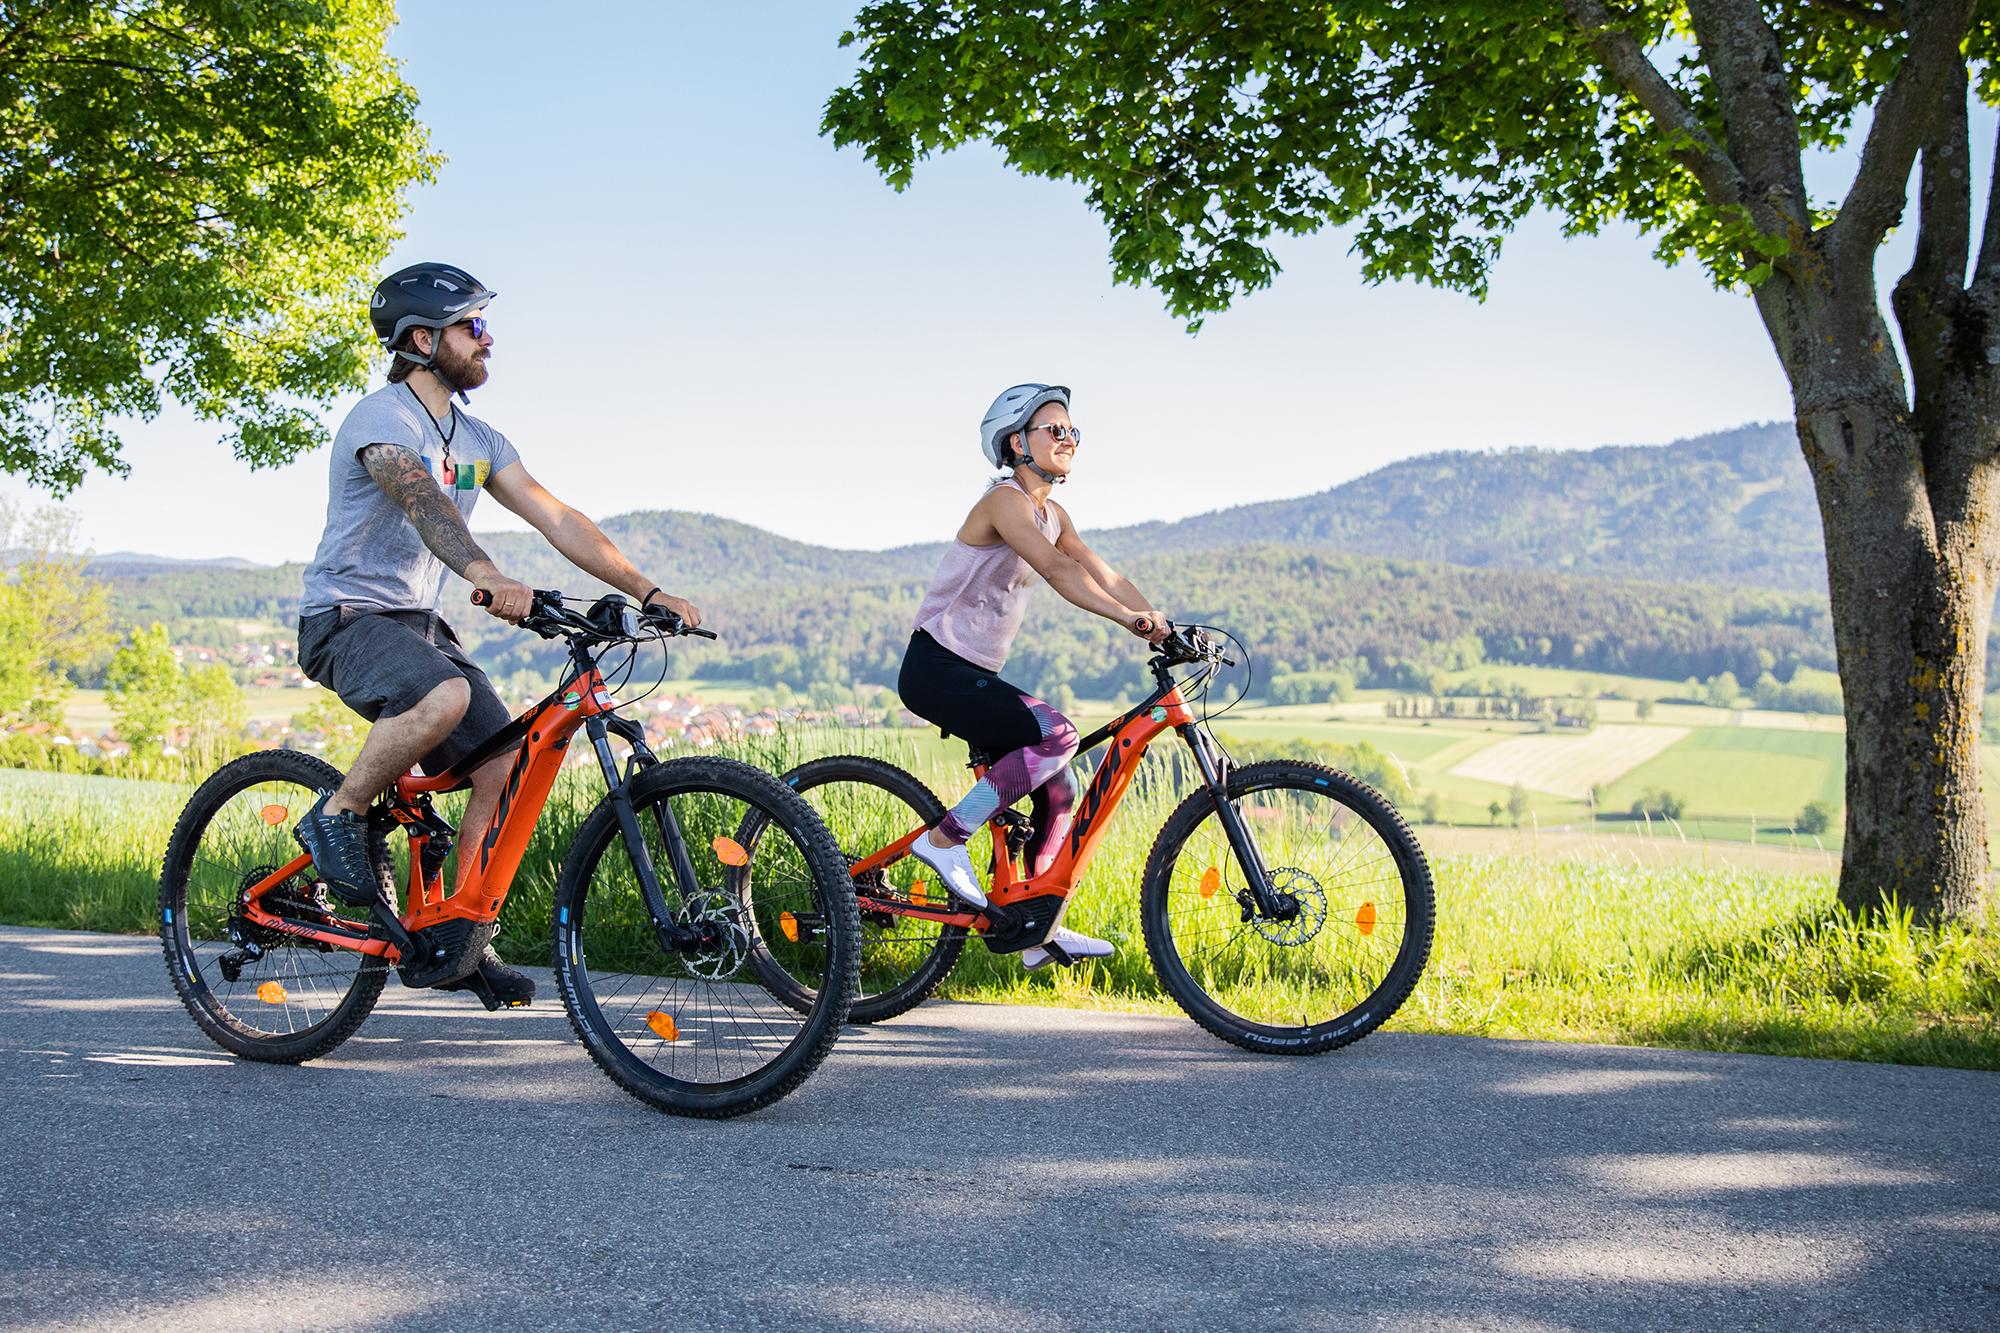 Dank dem E-Bike-Verleih sind auch lange oder anspruchsvolle Radtouren im Bayerischen Wald ohne Probleme zu bewältigen.